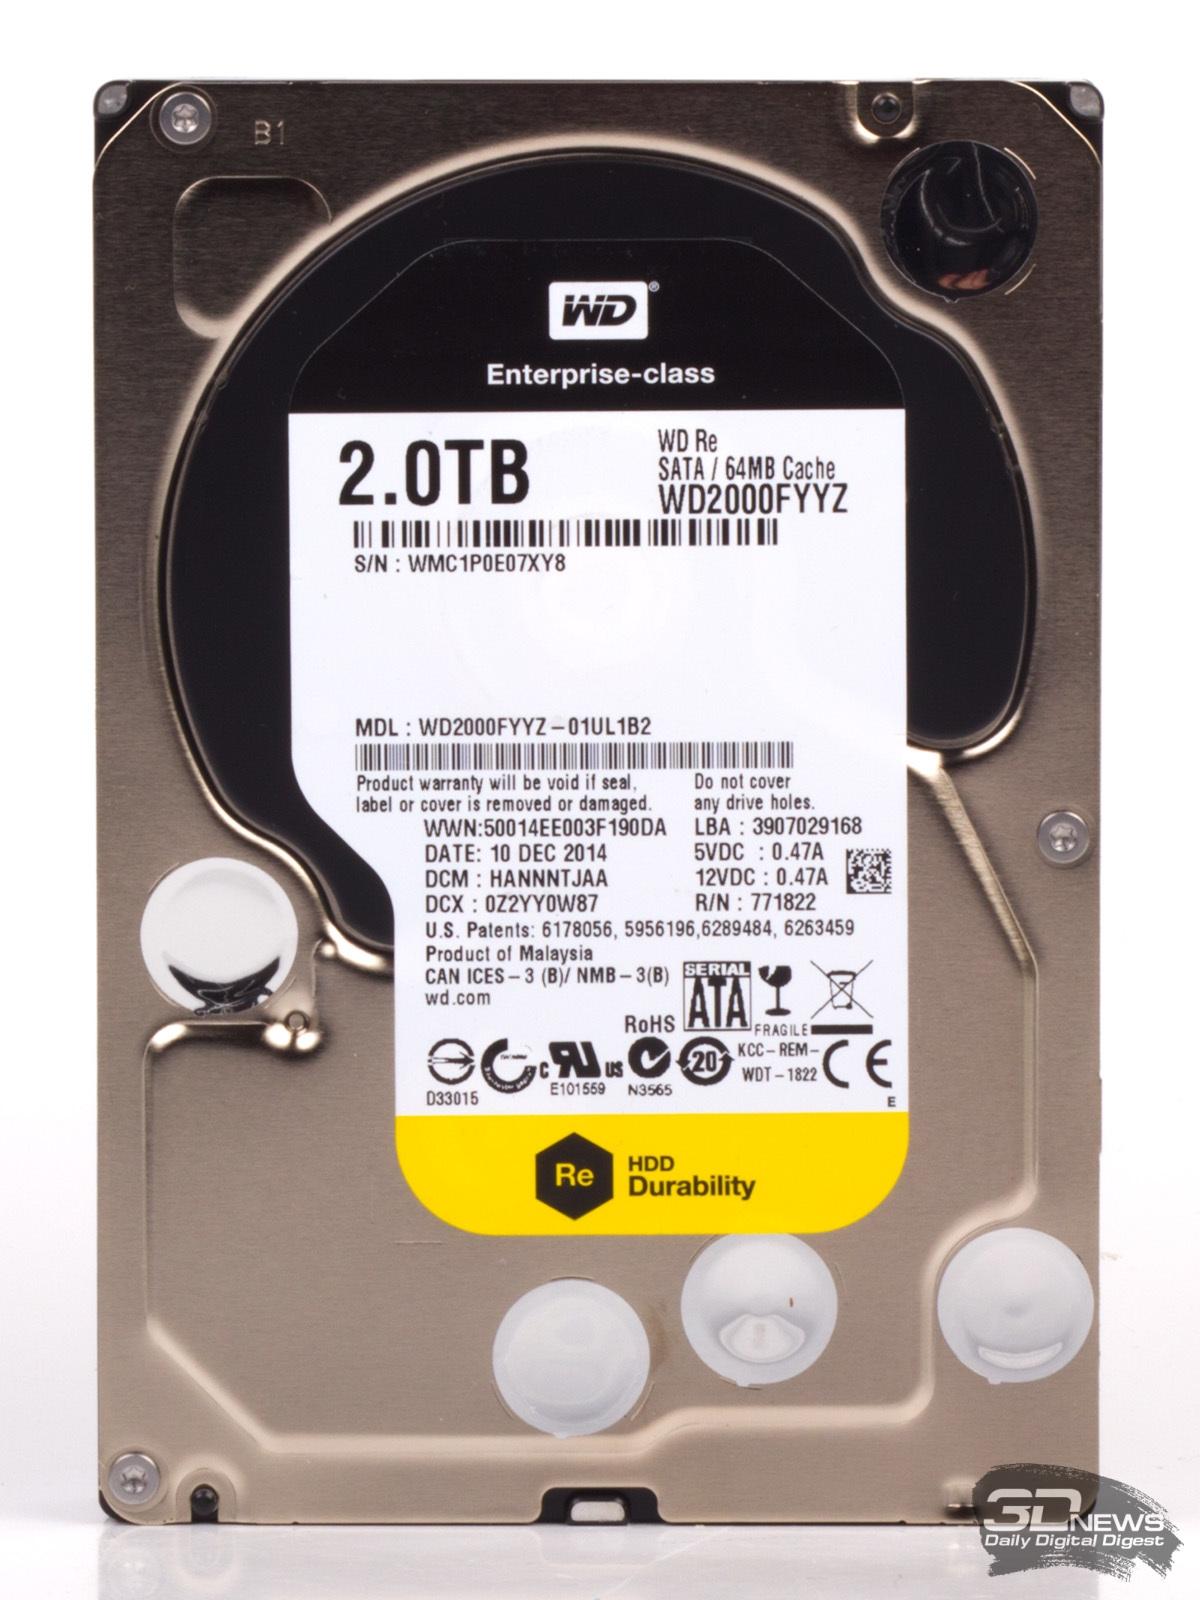 Обновленное тестирование жестких дисков объемом 2 Тбайт 2014-2015 года